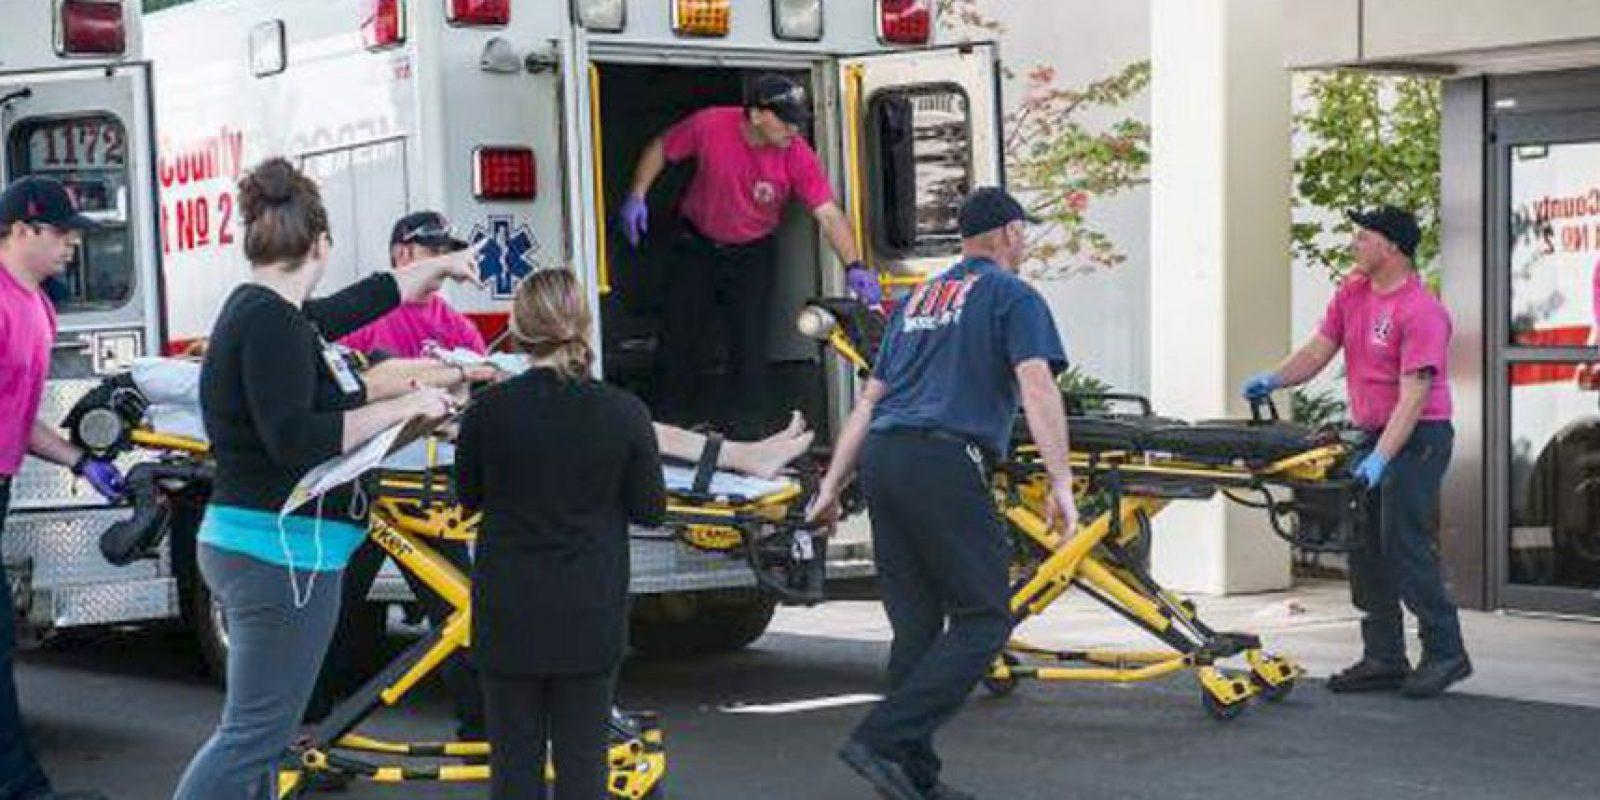 Algunos heridos fueron trasladados al hospital para ser atendidos. Foto:AP